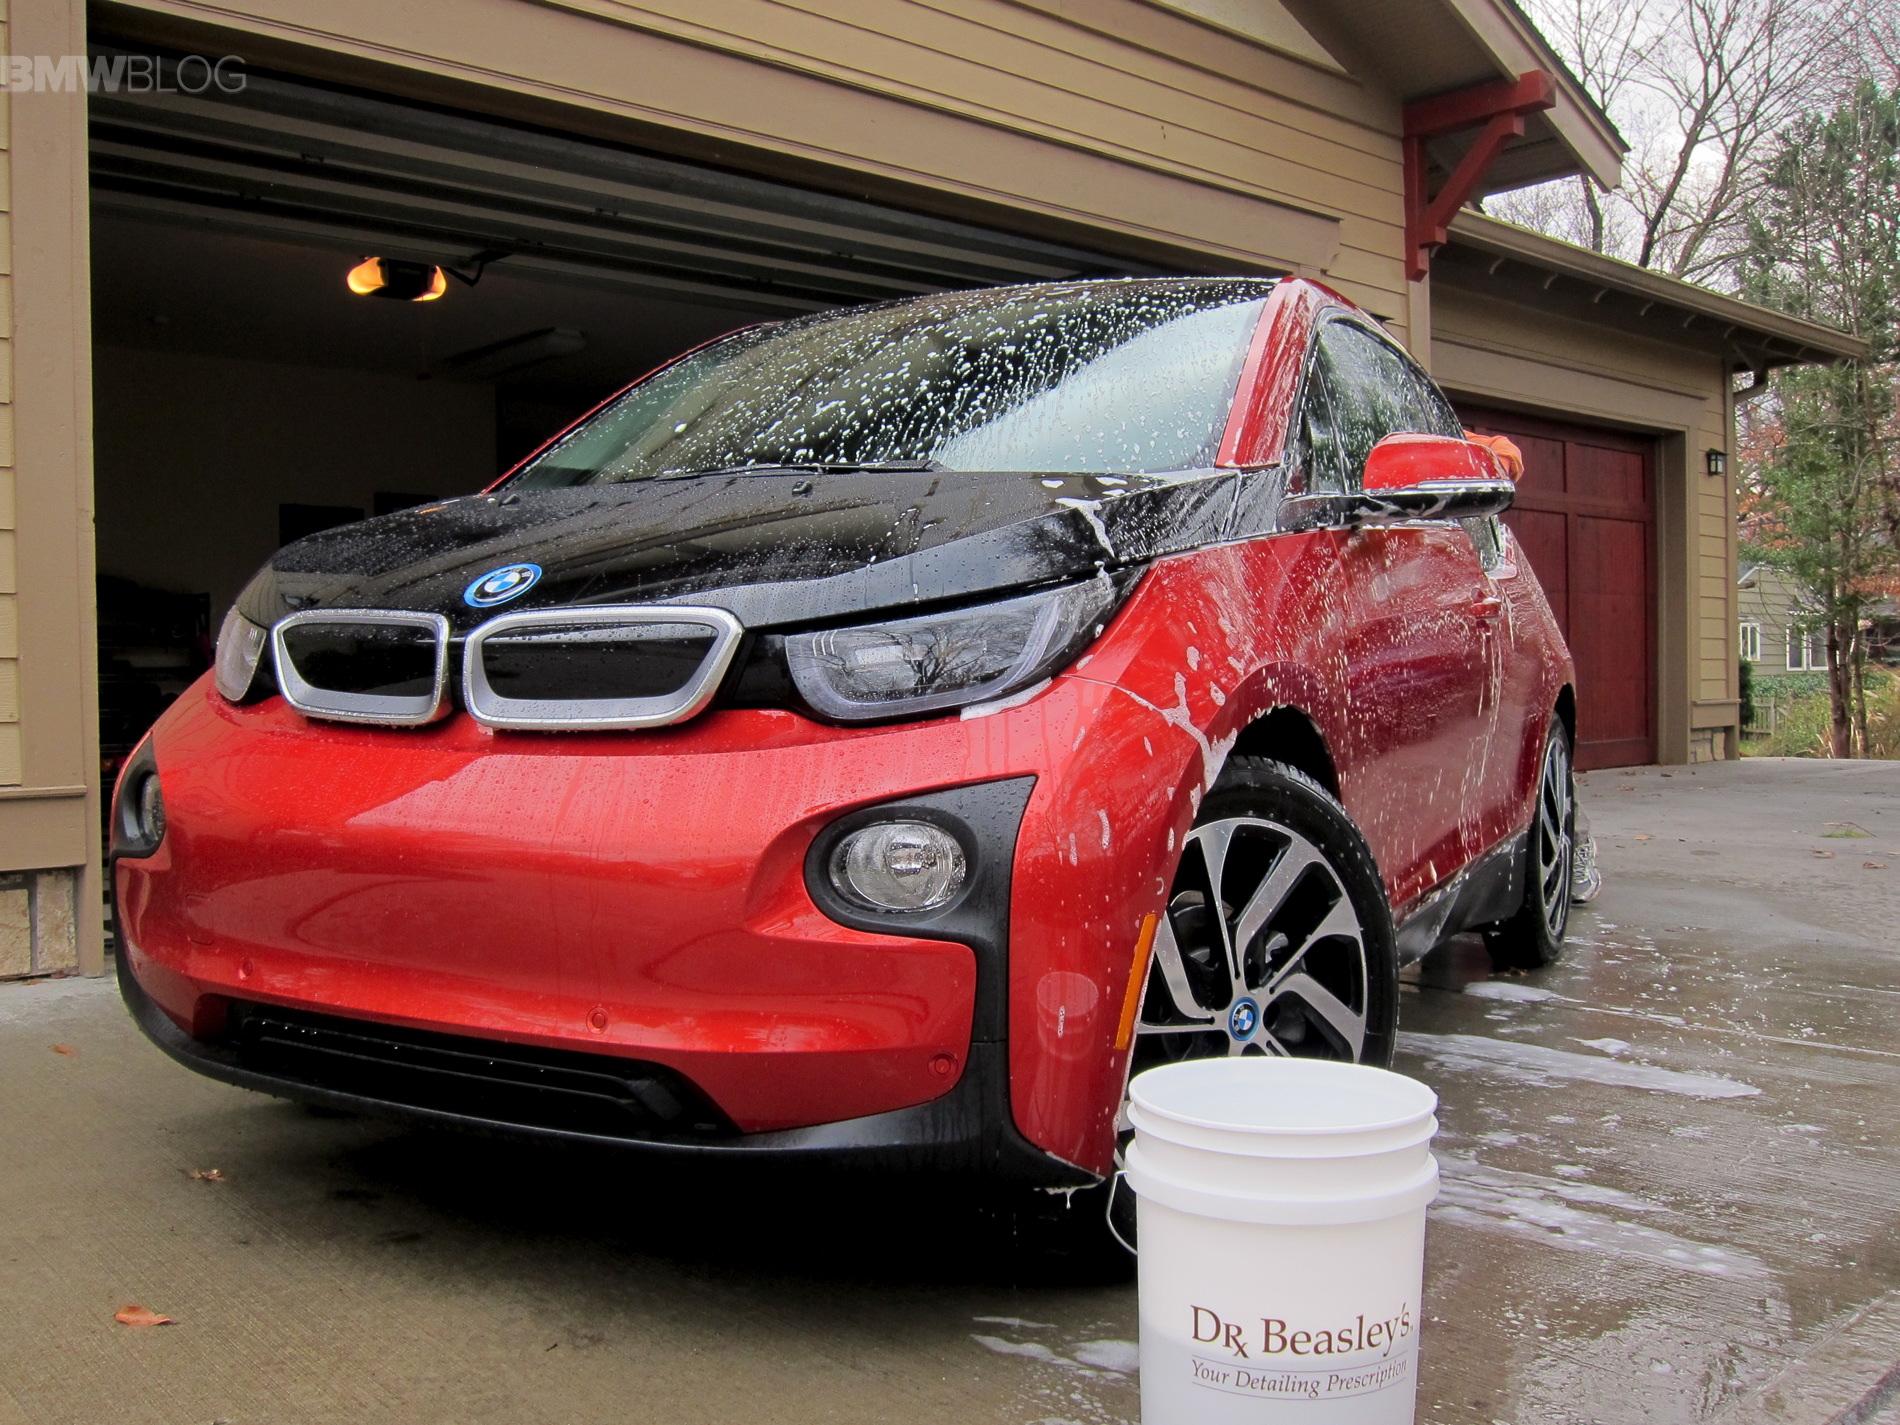 dr beasleys car wash 07